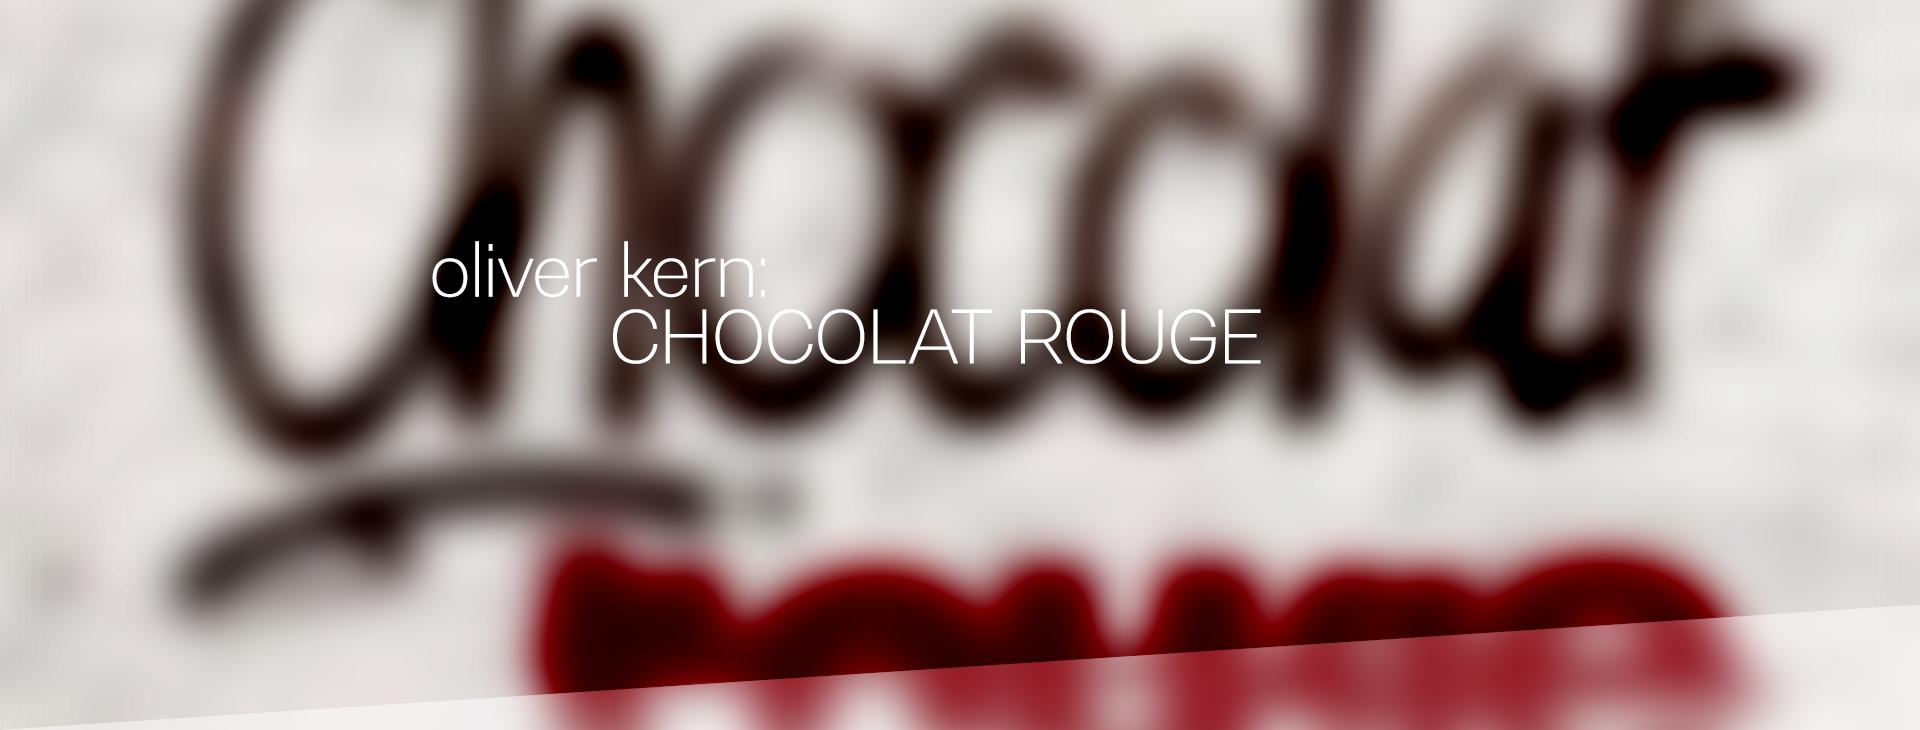 oliver kern chocolat rouge header